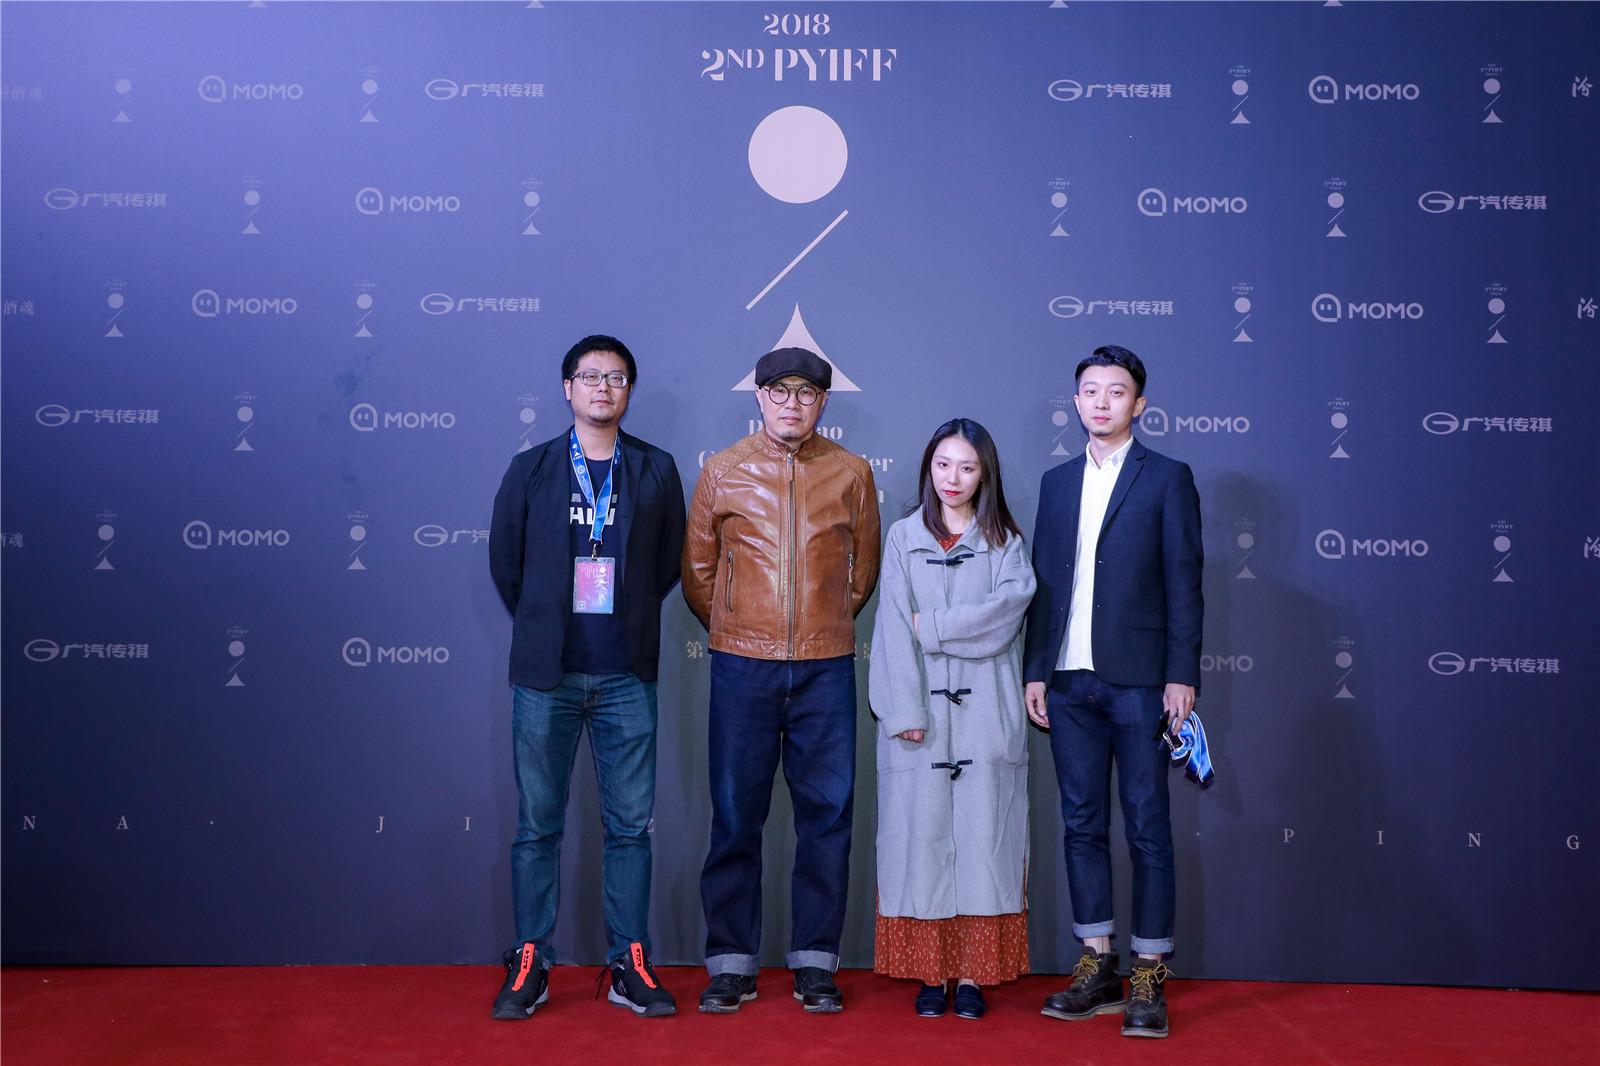 第二届平遥国际电影展佳片连映 学术与产业项目隆重亮相